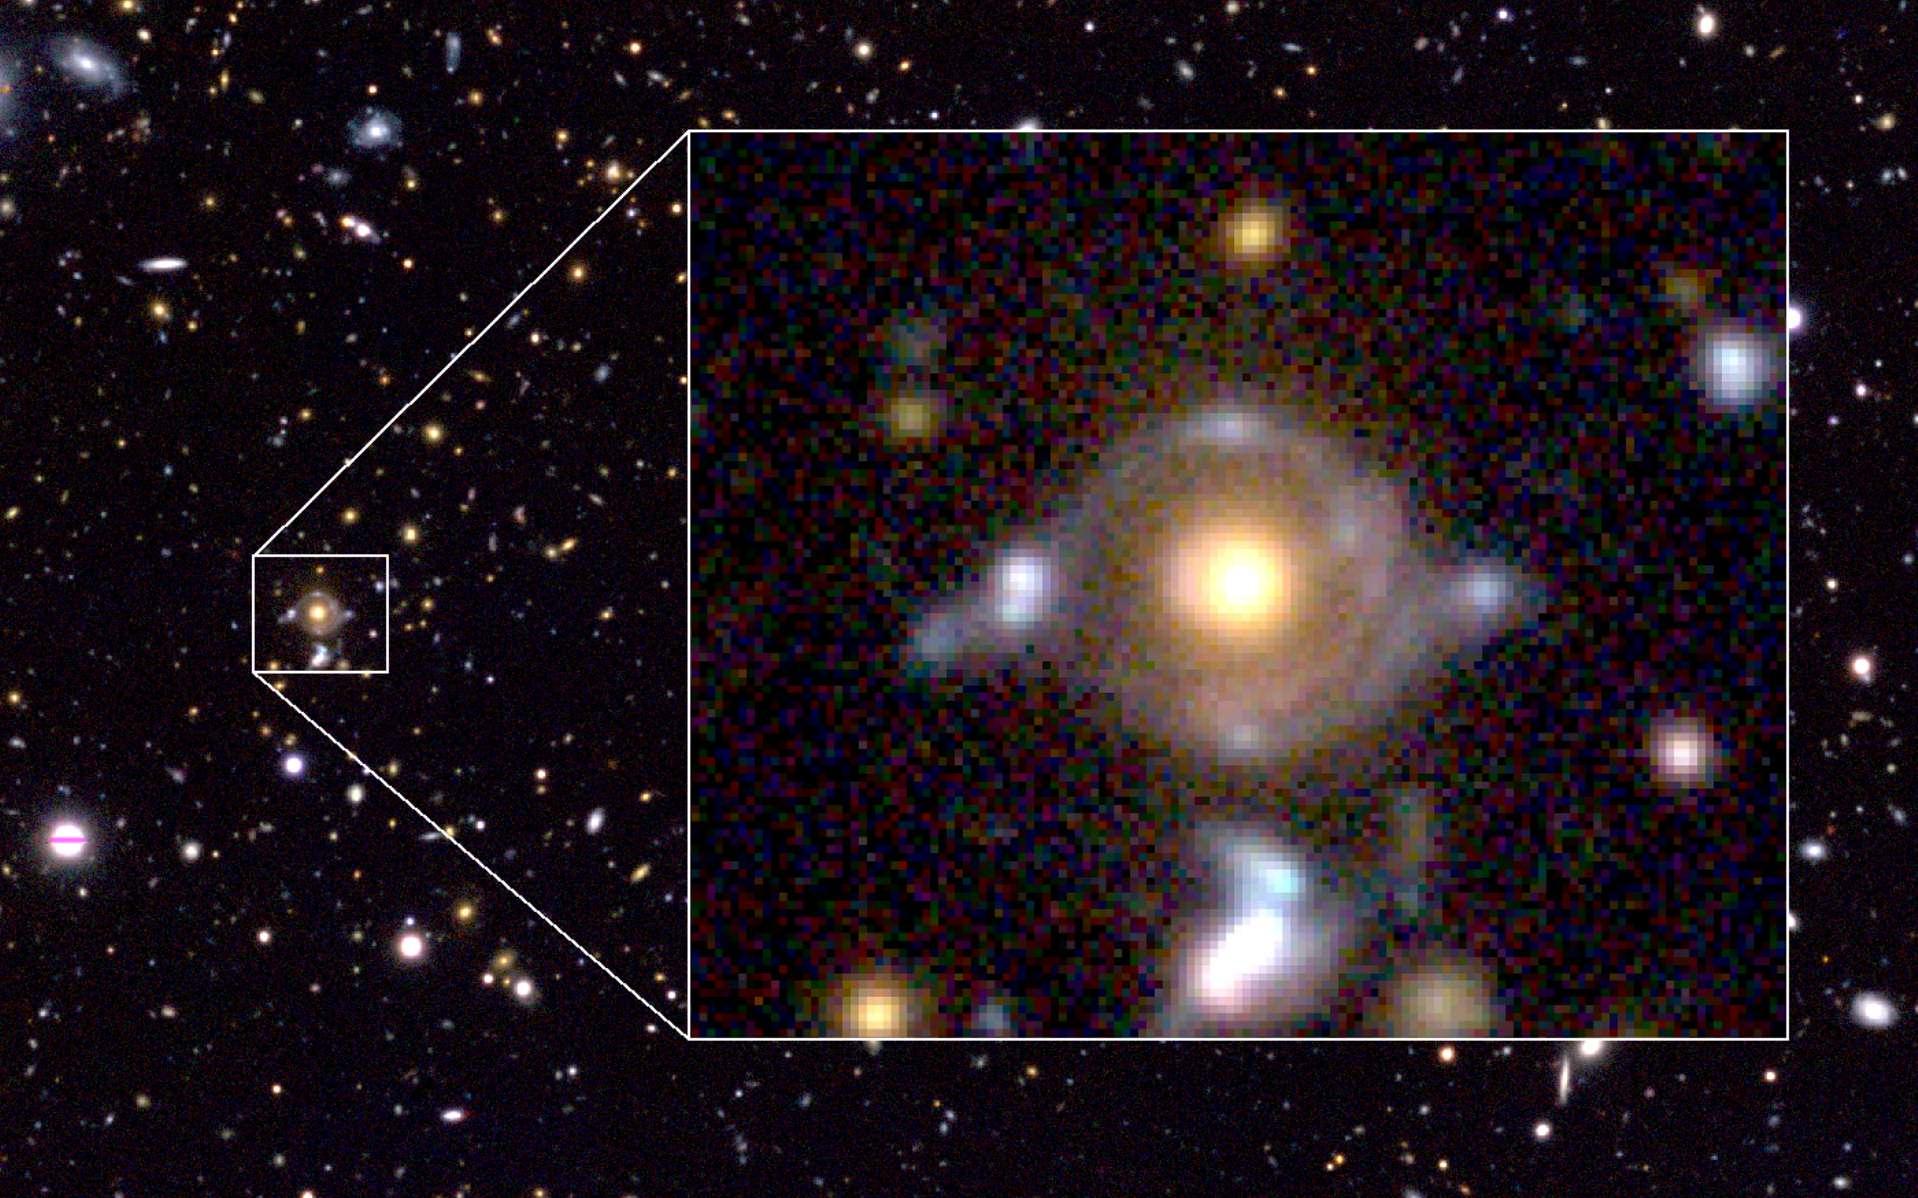 La ressemblance entre l'effet de lentille gravitationnelle fort à l'origine des arcs visibles sur cette image et le symbole égyptien de l'œil d'Horus est frappante. Elle a été prise avec le télescope japonais Subaru. © NAOJ